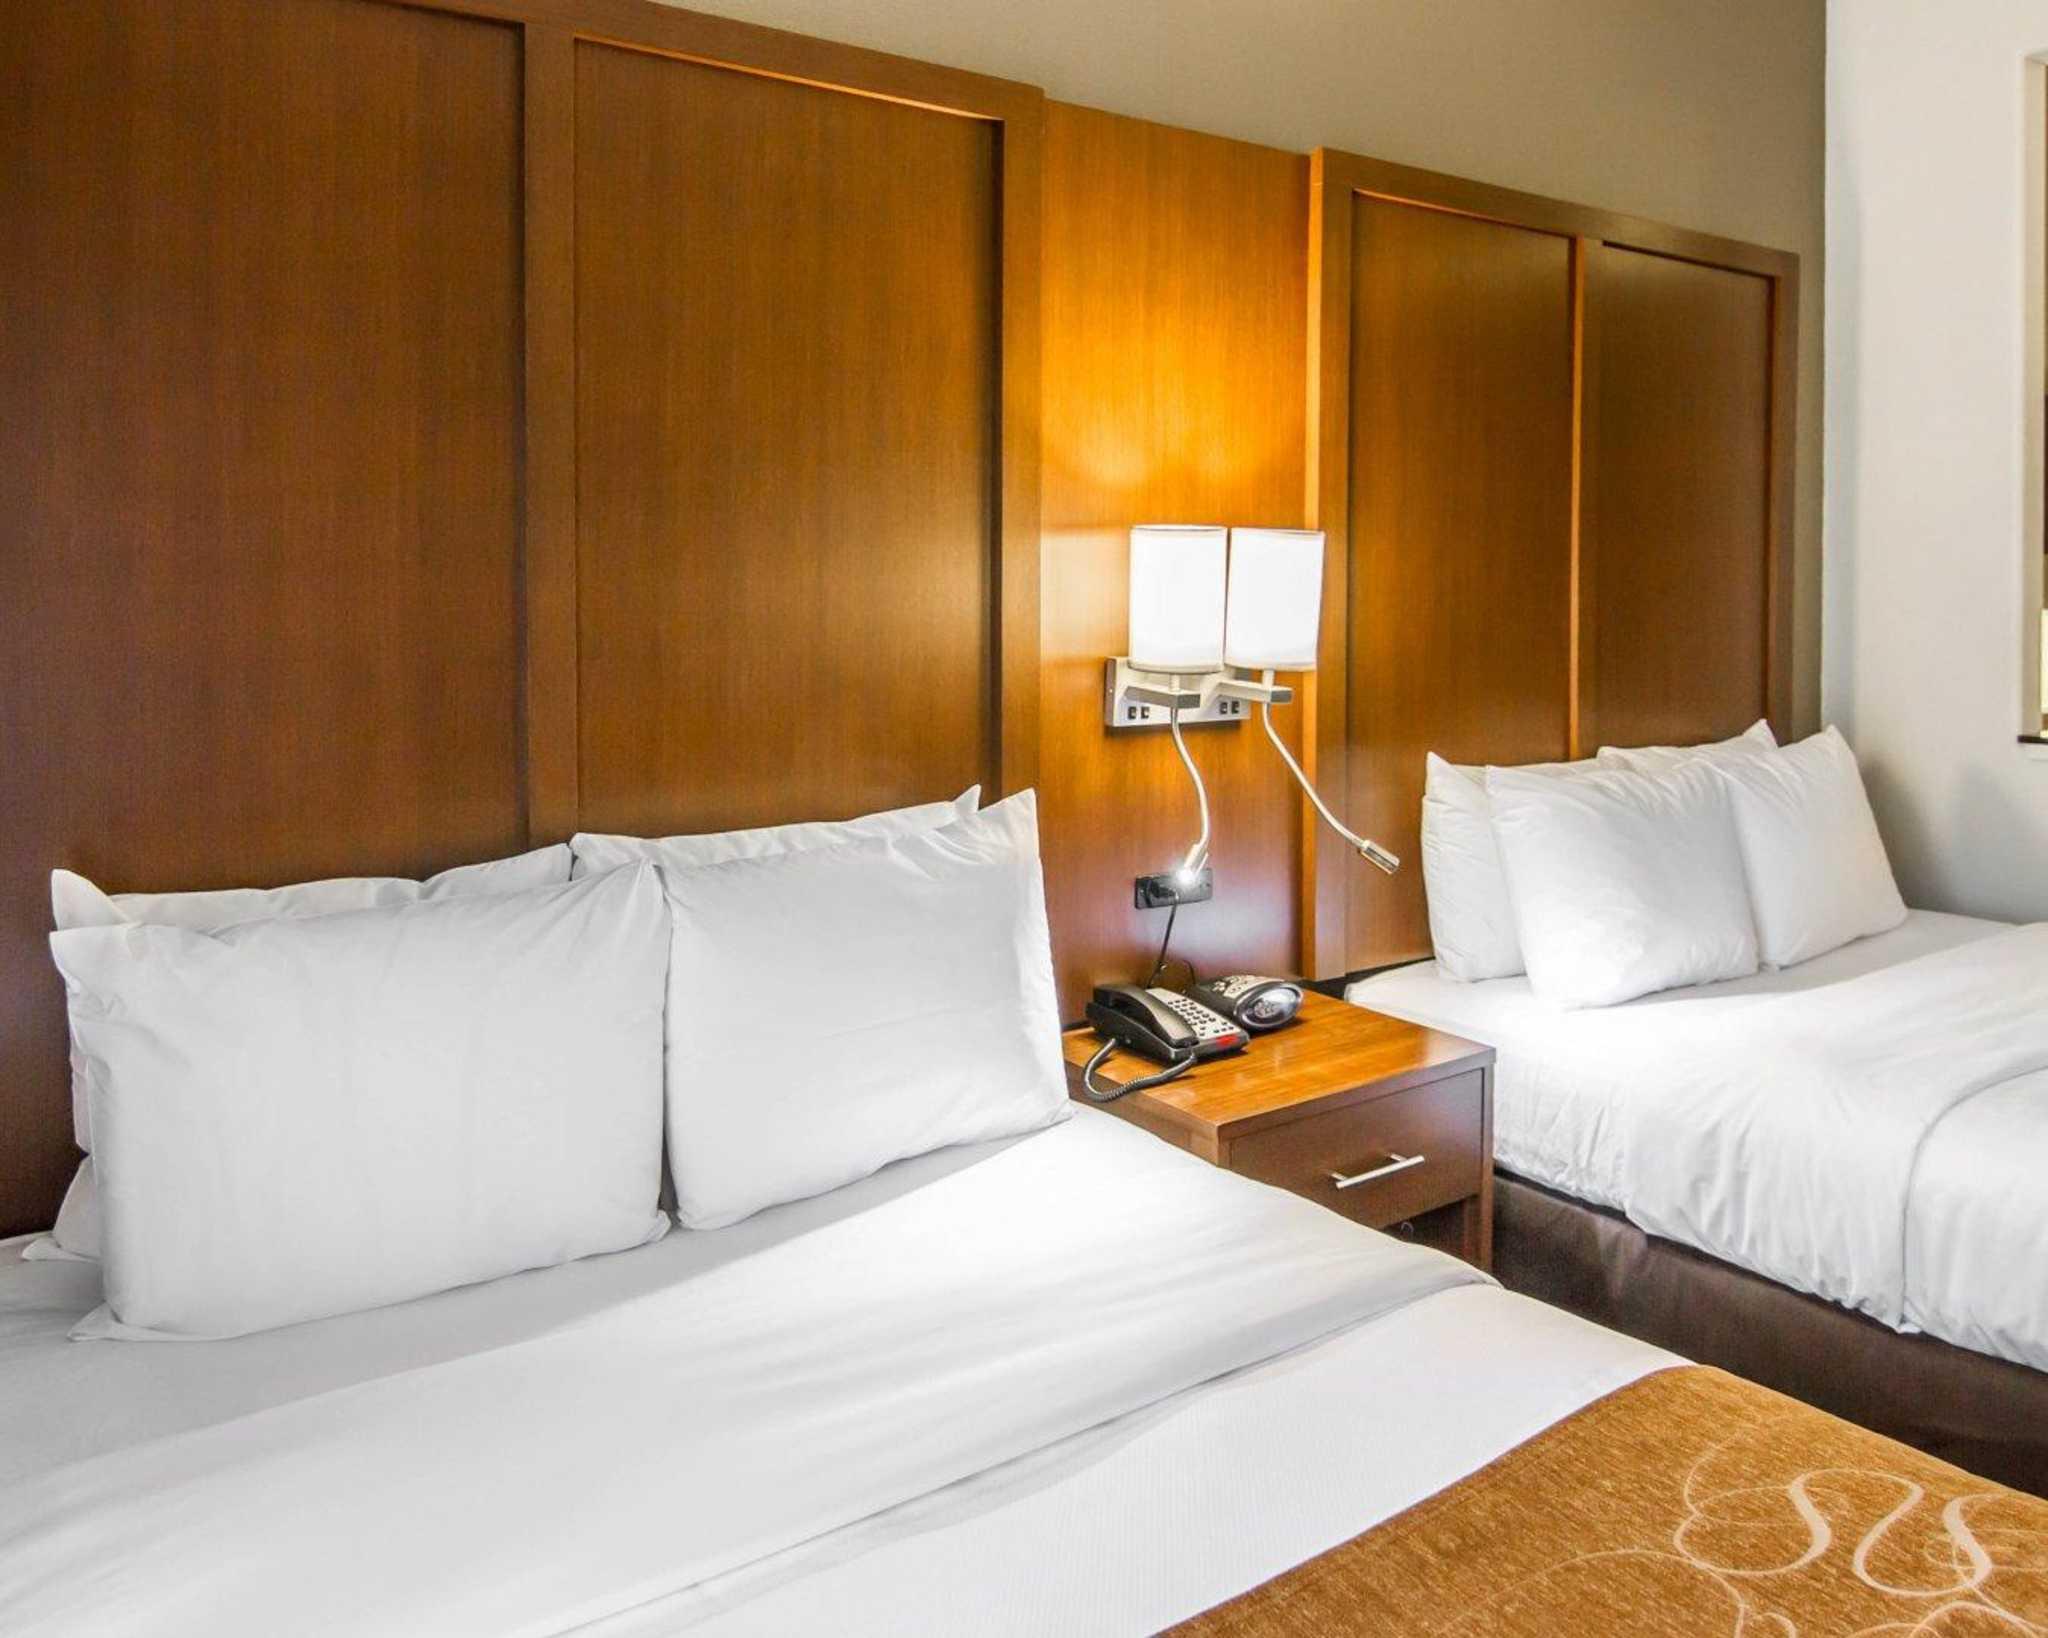 Comfort Suites Marshall image 33